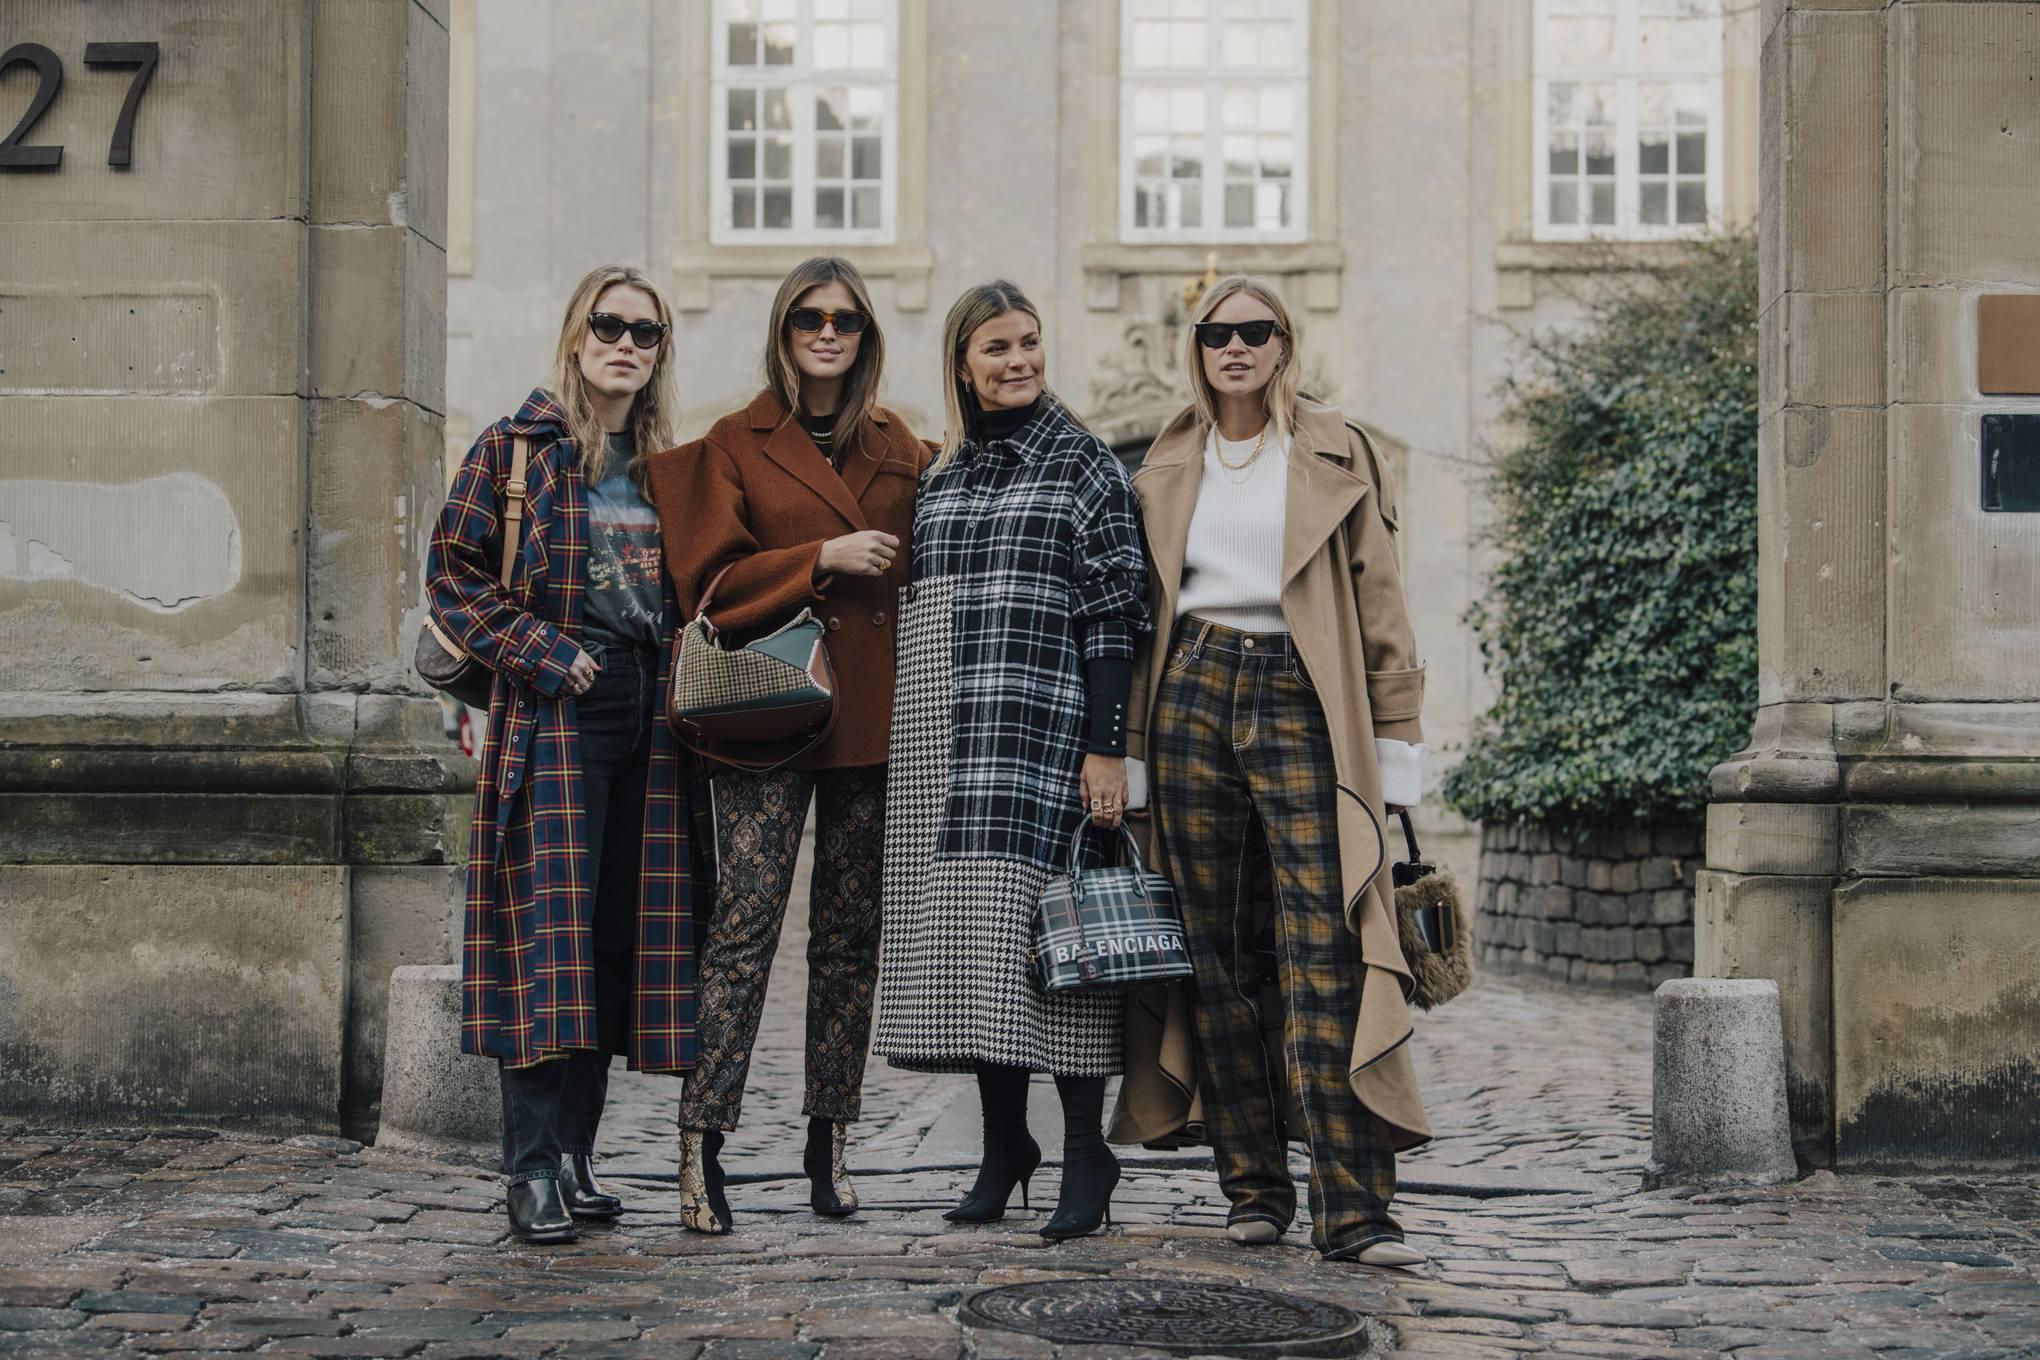 Street Style Looks We Loved From Copenhagen Fashion Week 2019